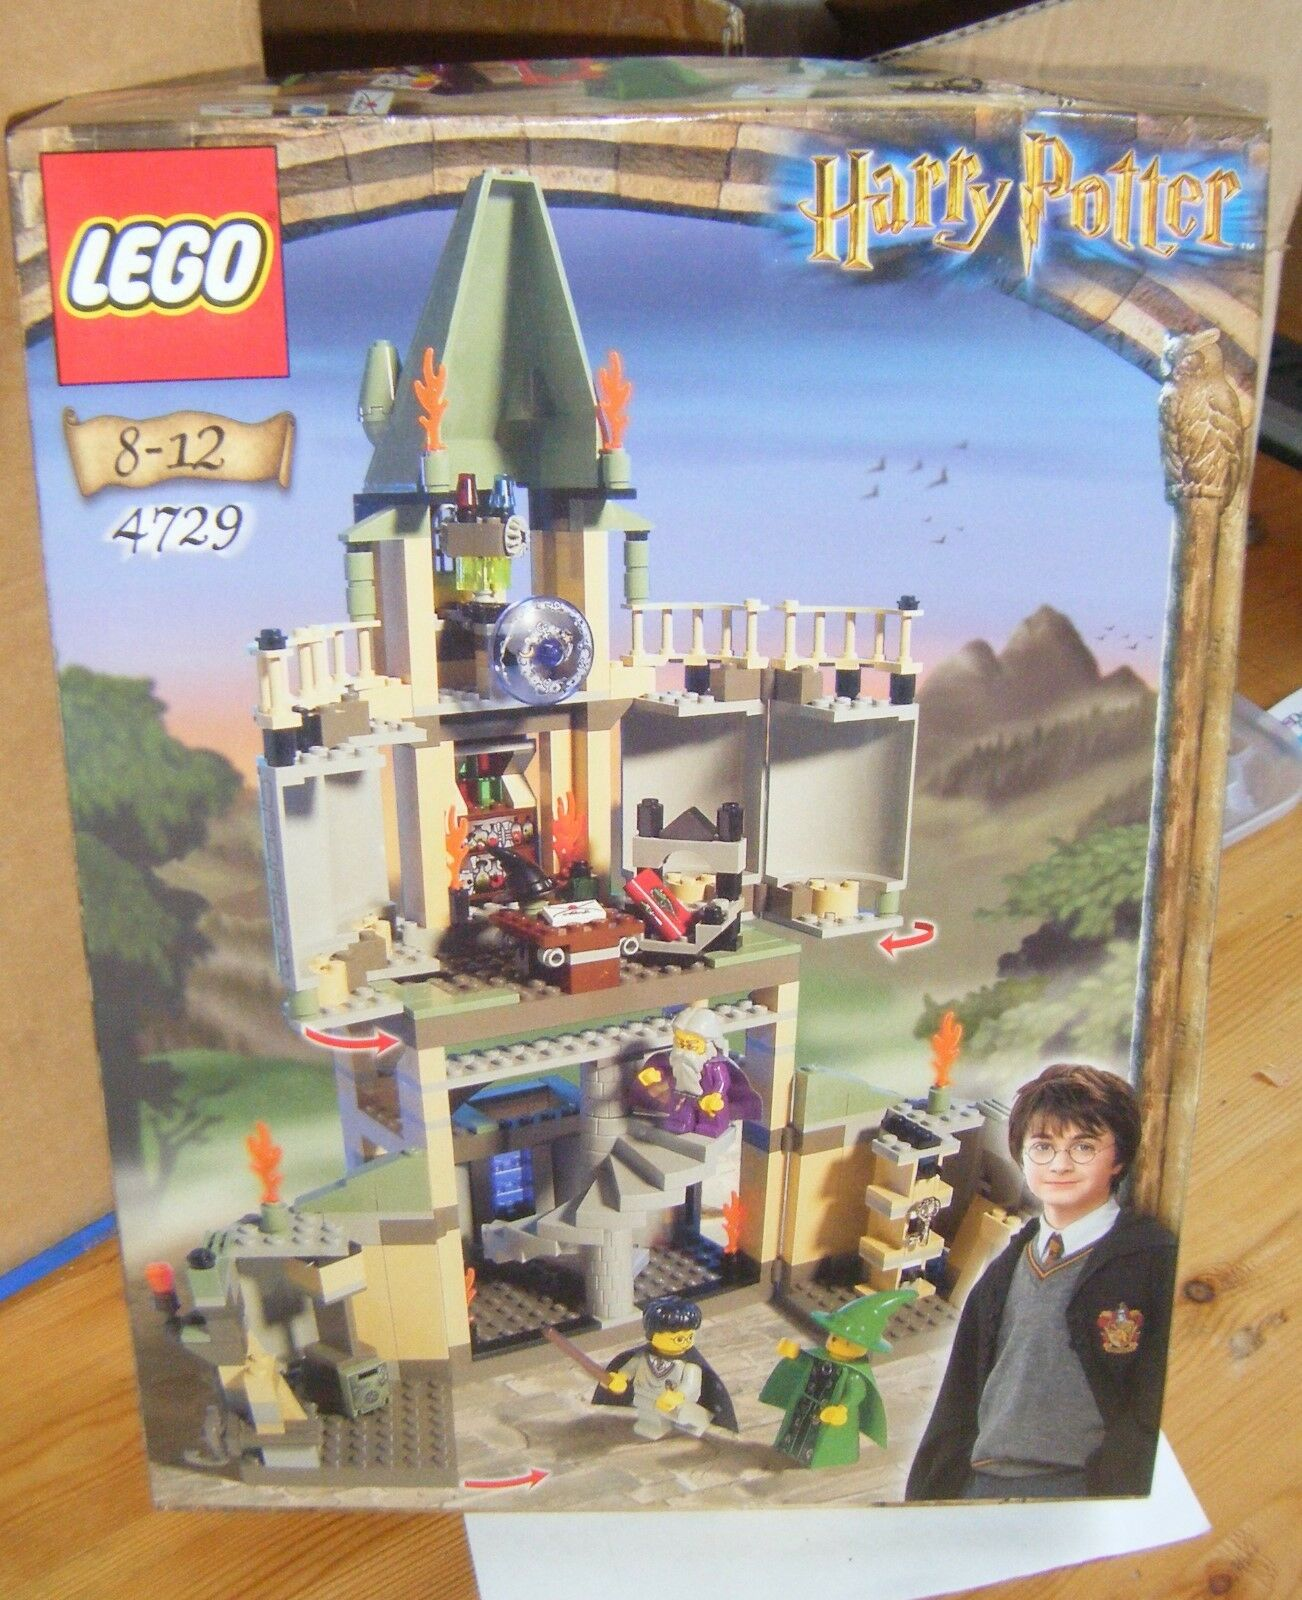 LEGO Harry Potter Set 4729 Ufficio di Silente-FACTORY SIGILLATO, RARO